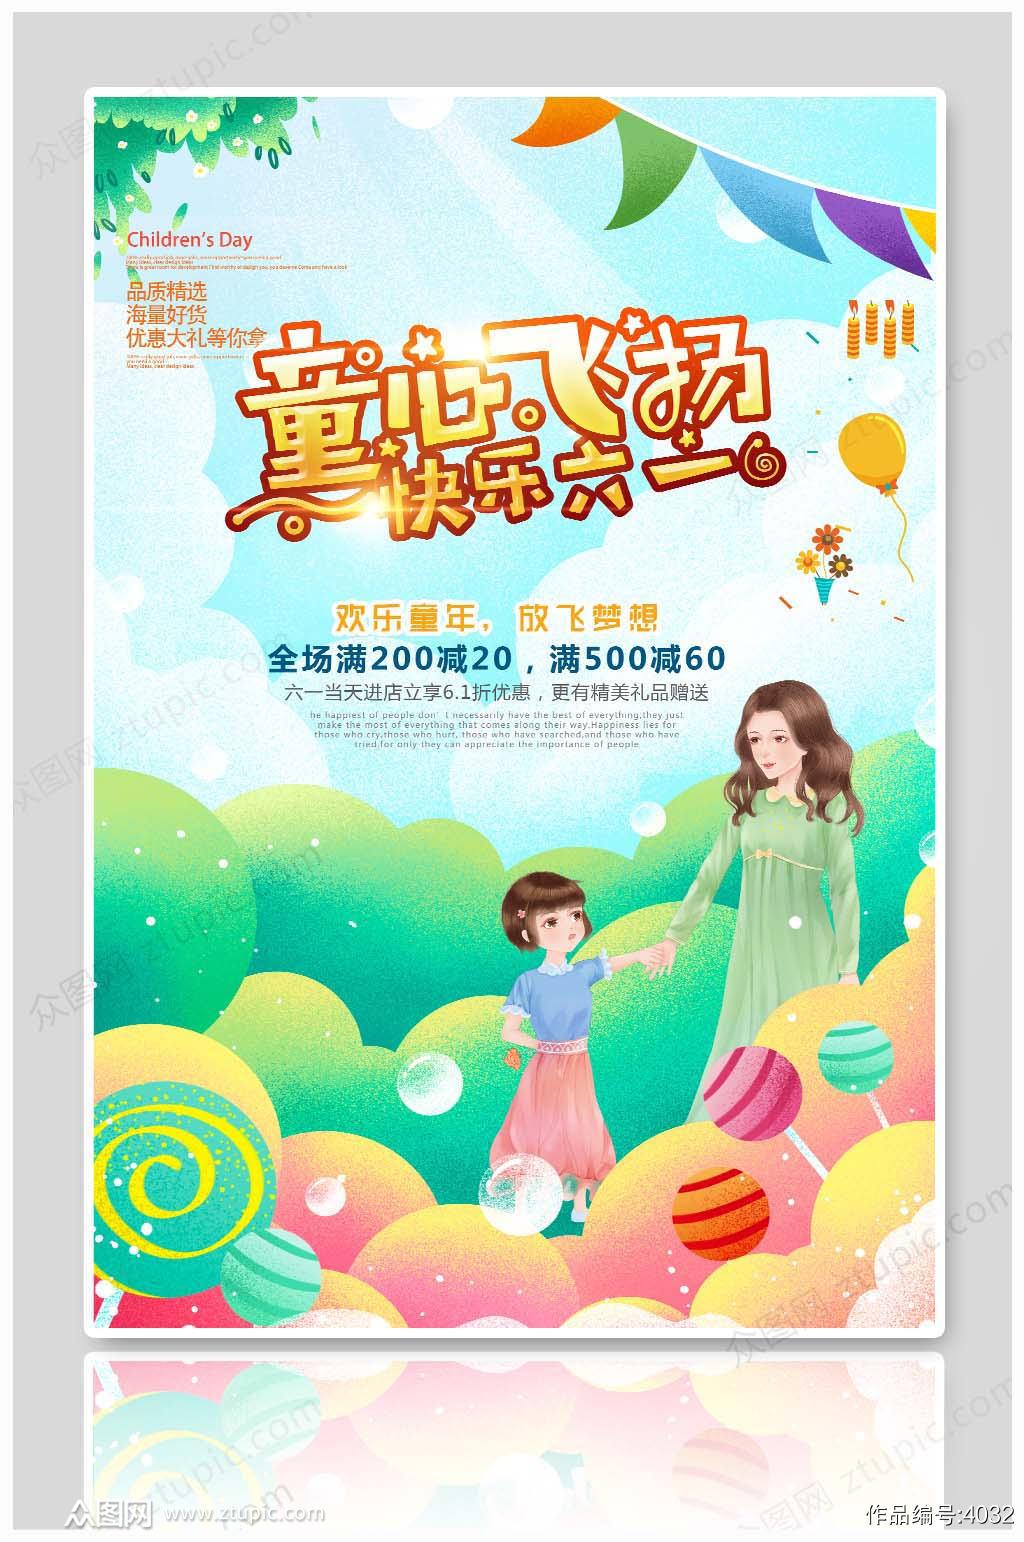 童心飞扬六一儿童节促销活动海报模板素材